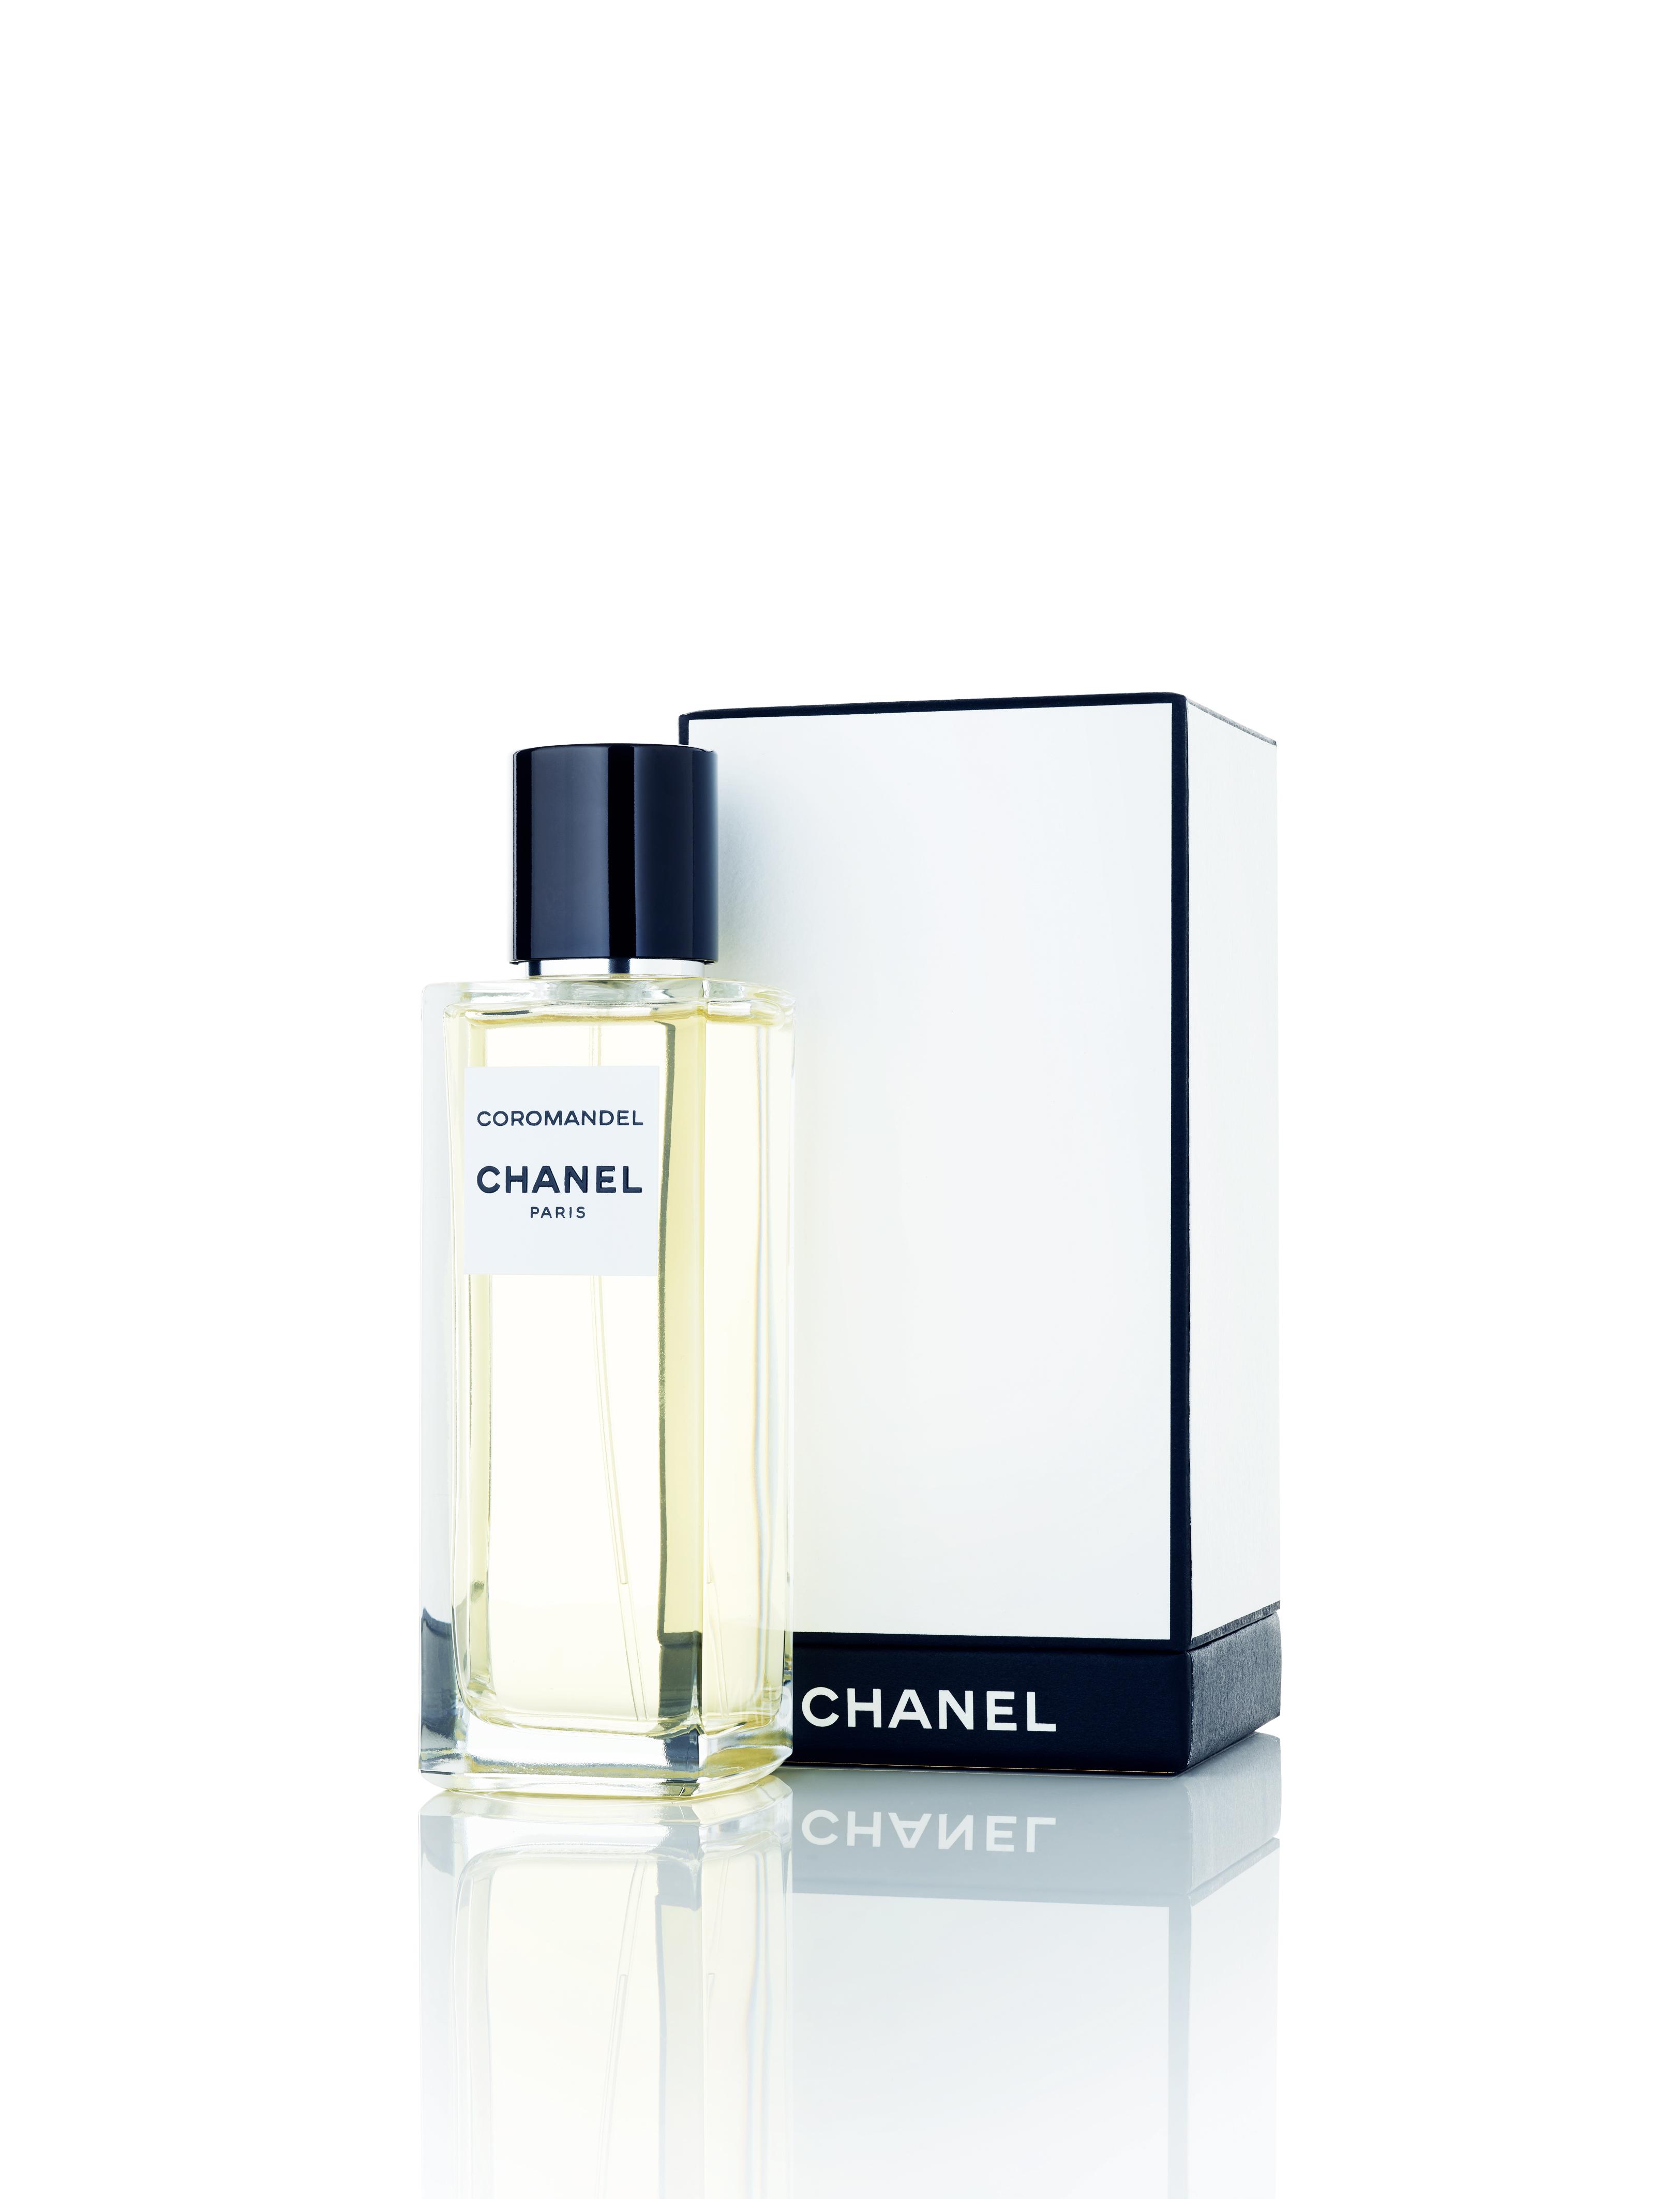 """""""Coromandel"""", eau de parfum, collection Les Exclusifs, CHANEL. À découvrir également dans la version """"Coromandel L'Extrait"""" ou dans l'édition limitée prestigieuse """"Coromandel et les Maisons d'Art""""."""